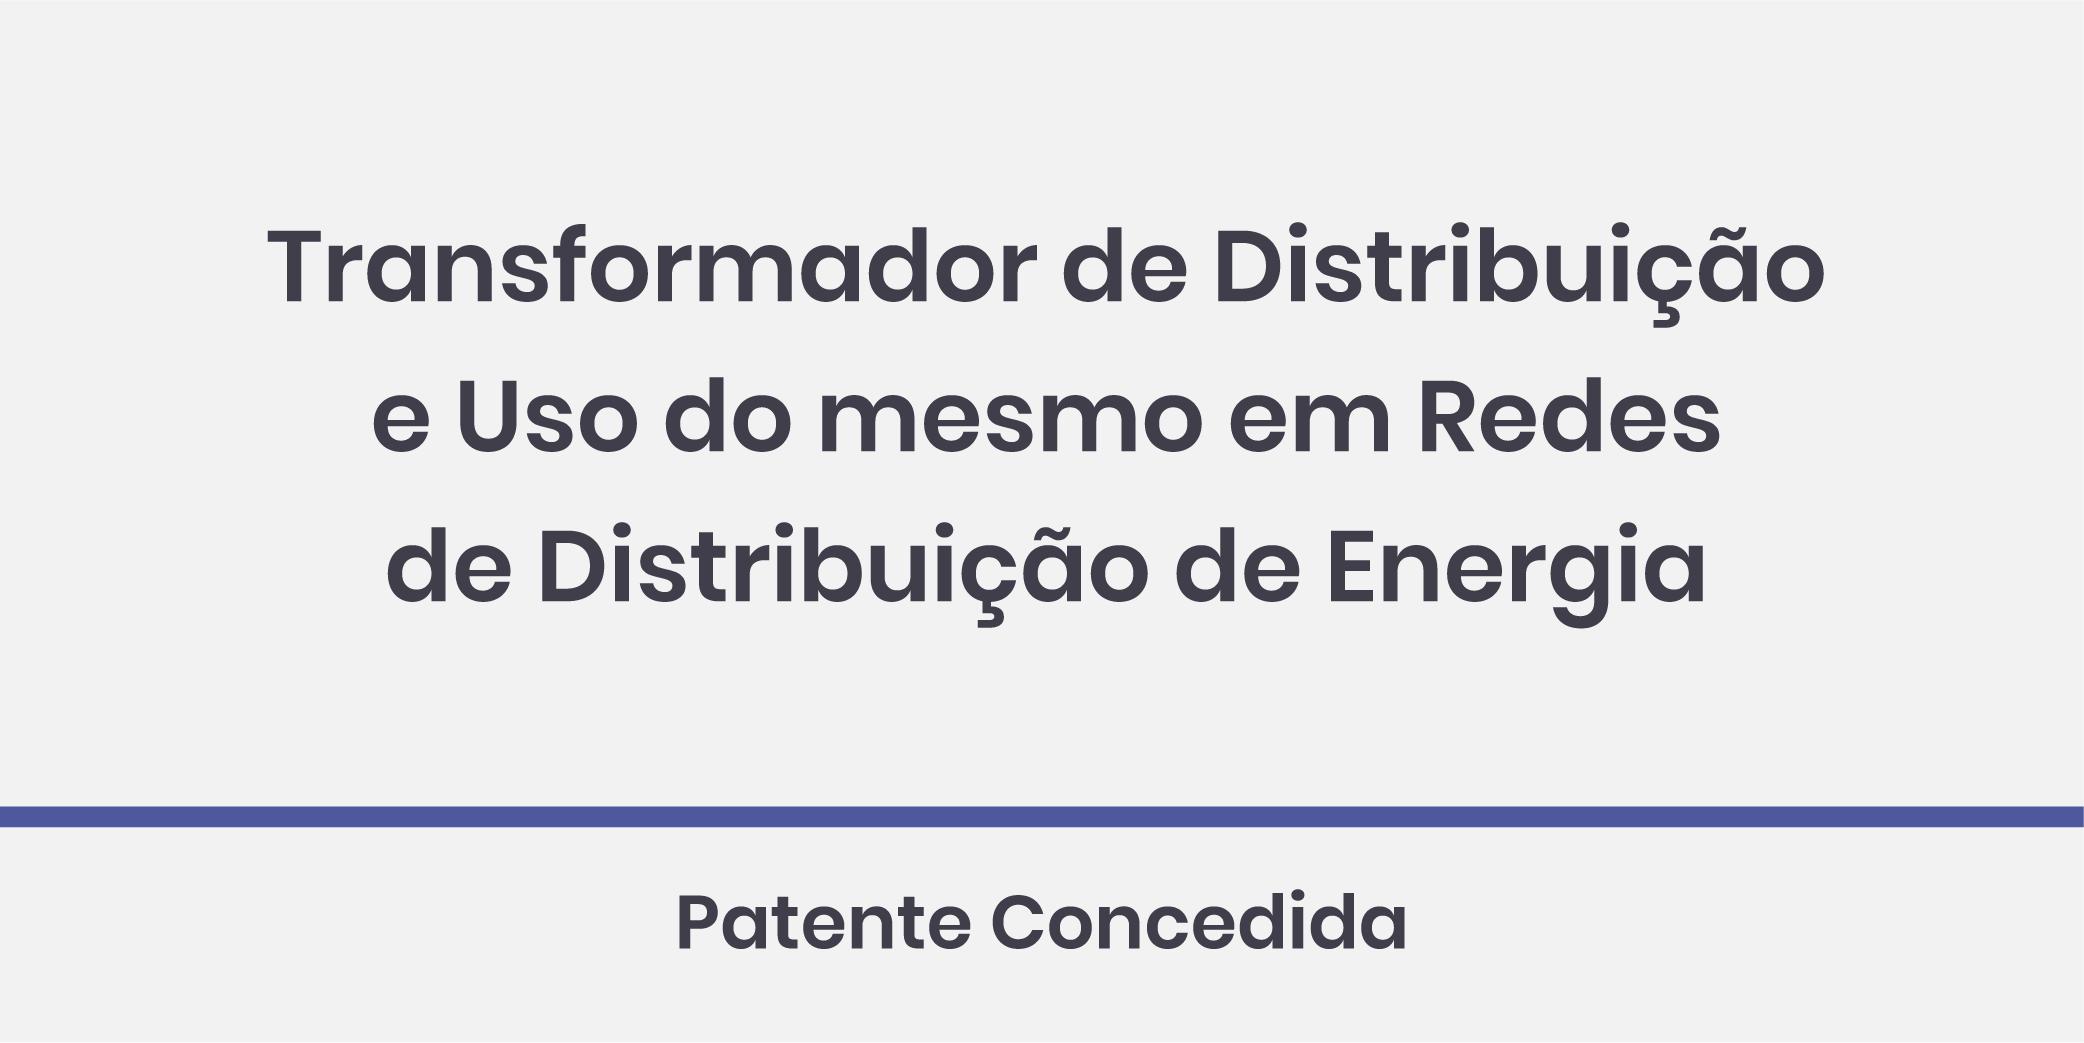 Transformador de Distribuição e Uso do mesmo em Redes de Distribuição de Energia; Patente Concedida.